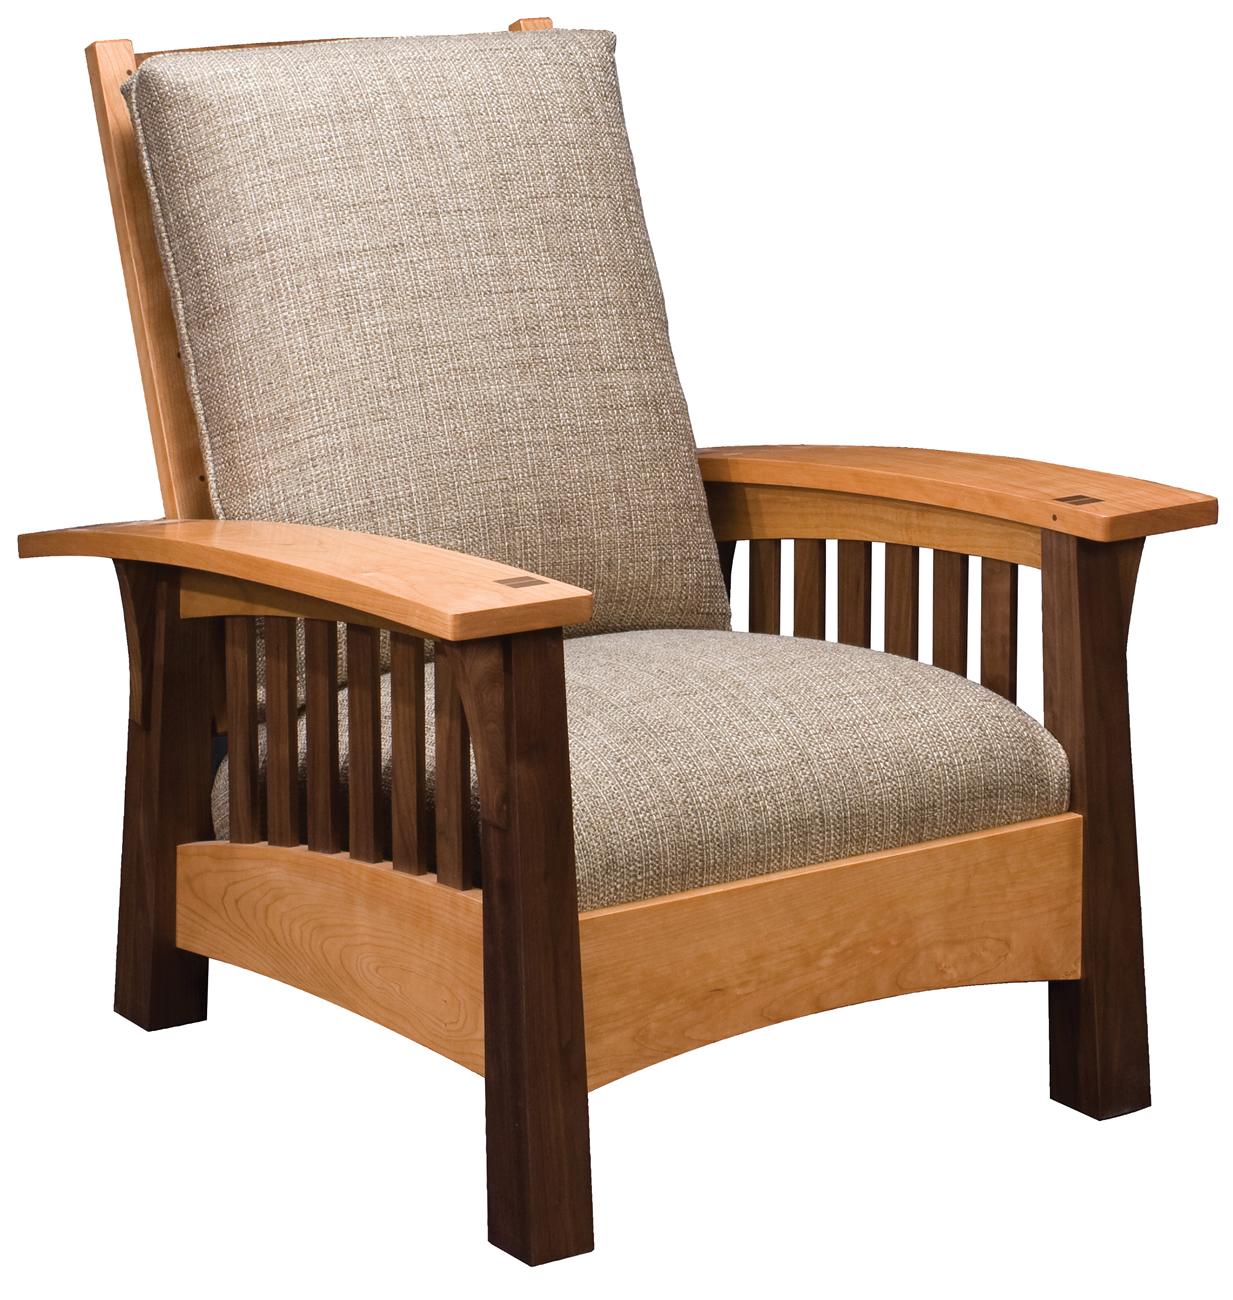 bow arm morris chair. image ... RPOIBTA